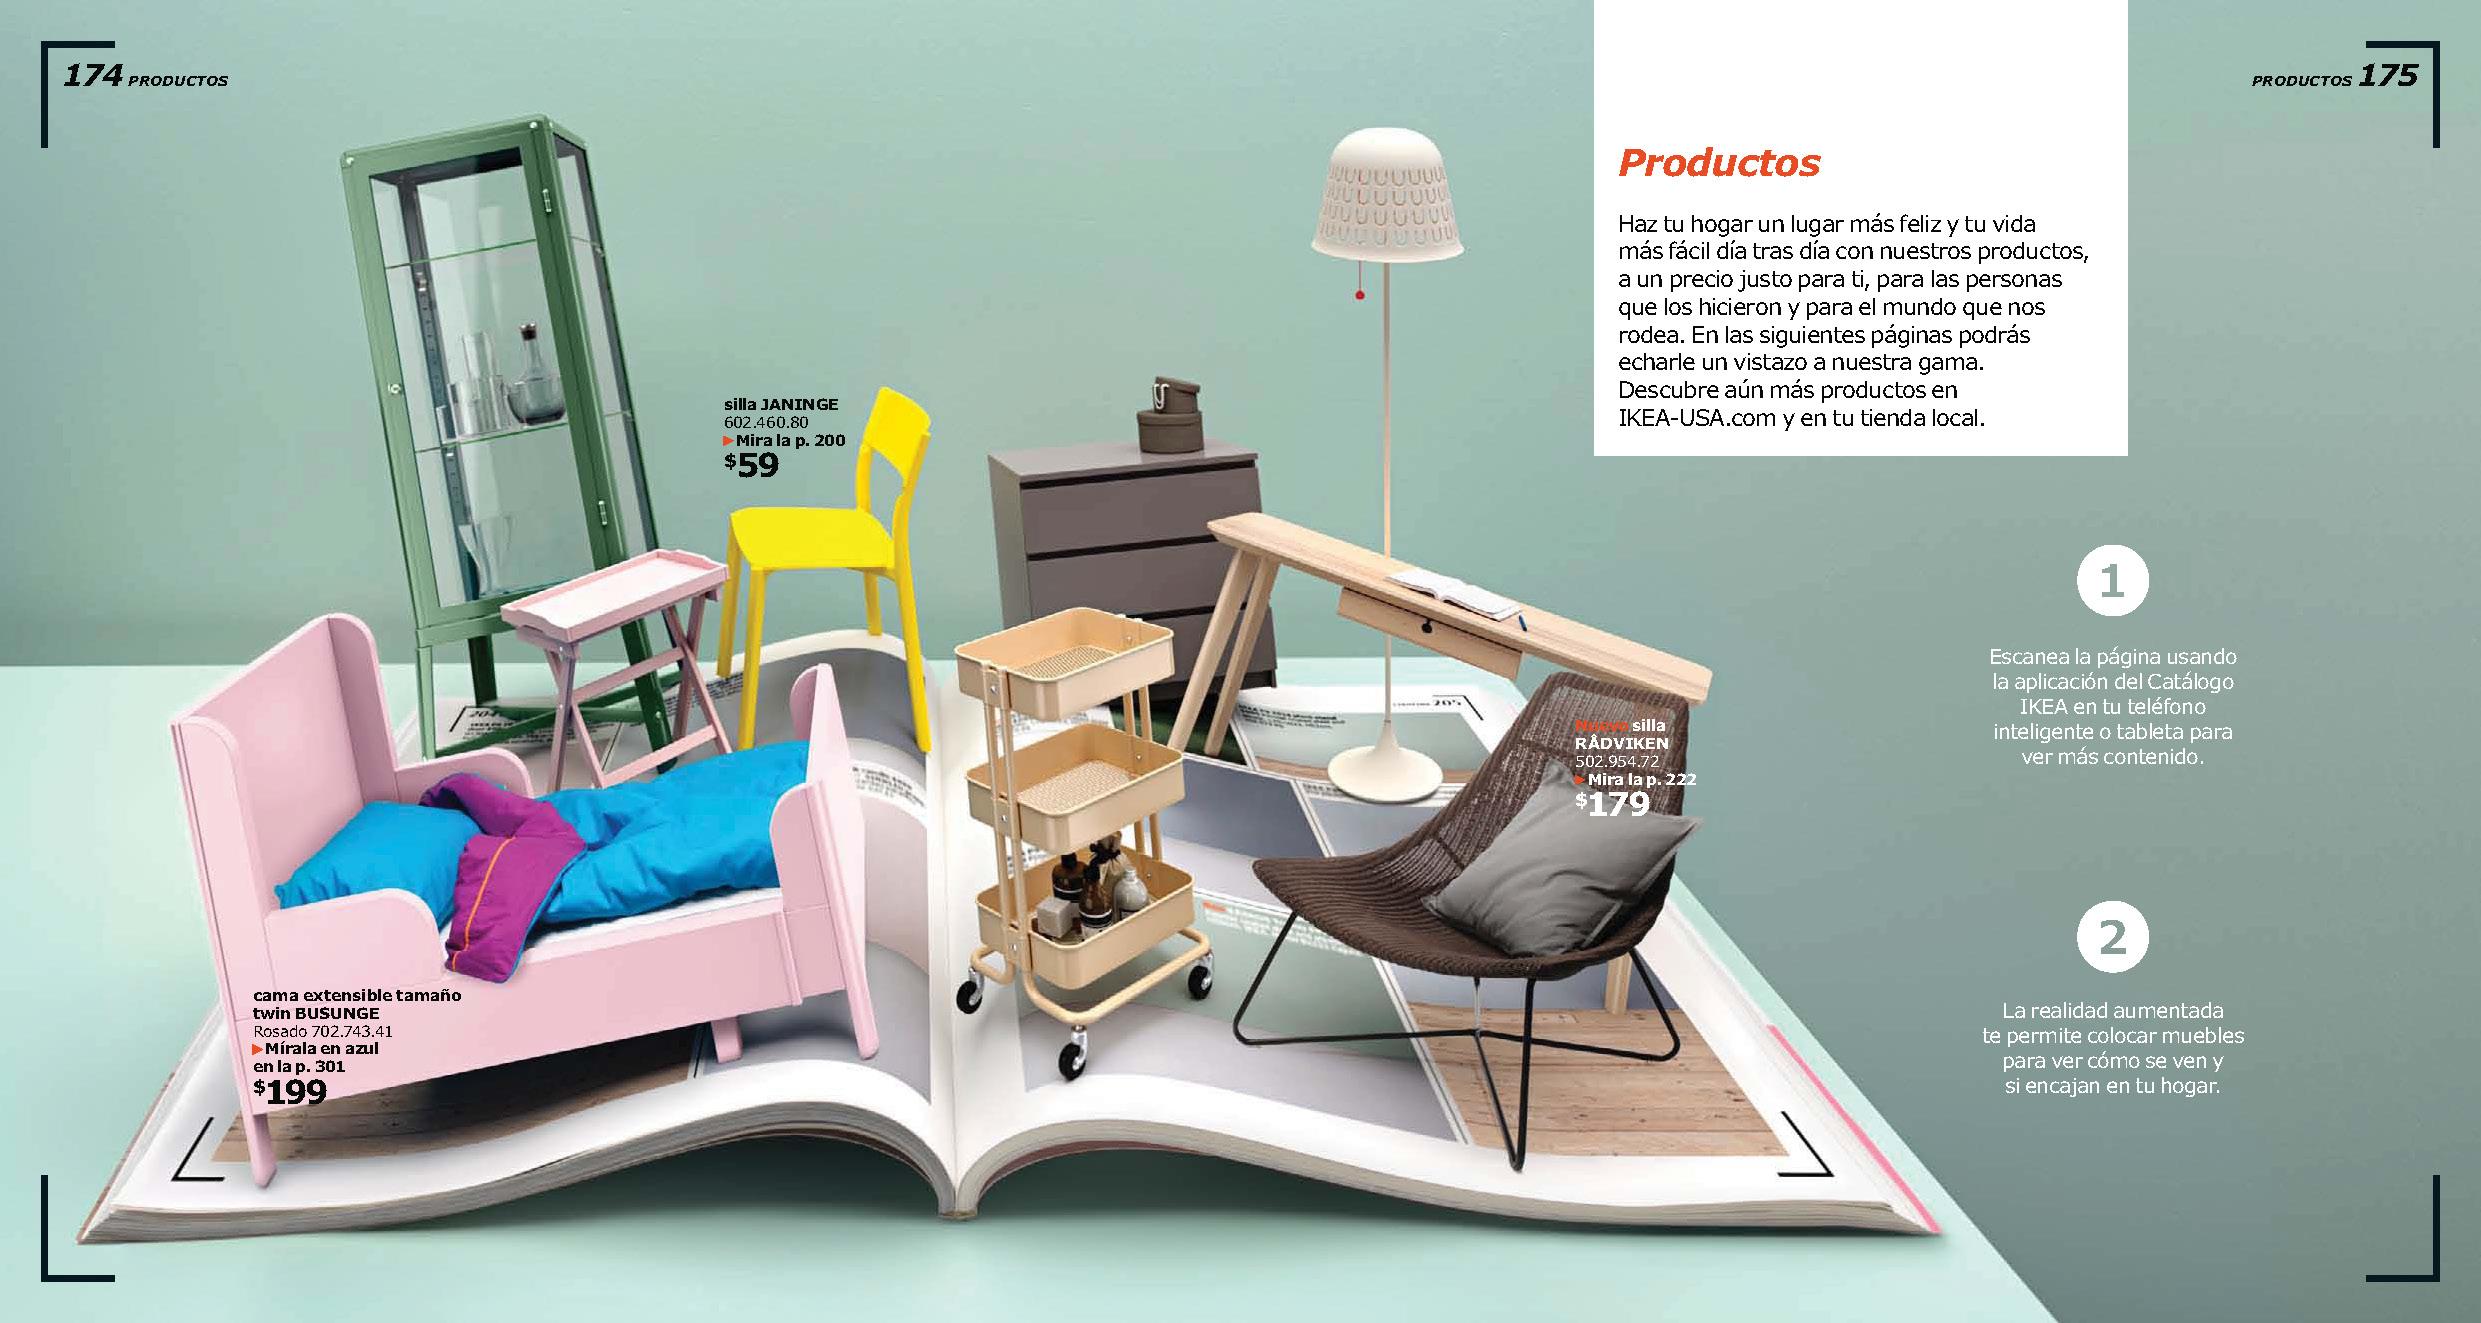 Ver Sillas De Ikea.Catalogs Ikea Ee Uu Catalogo 2016